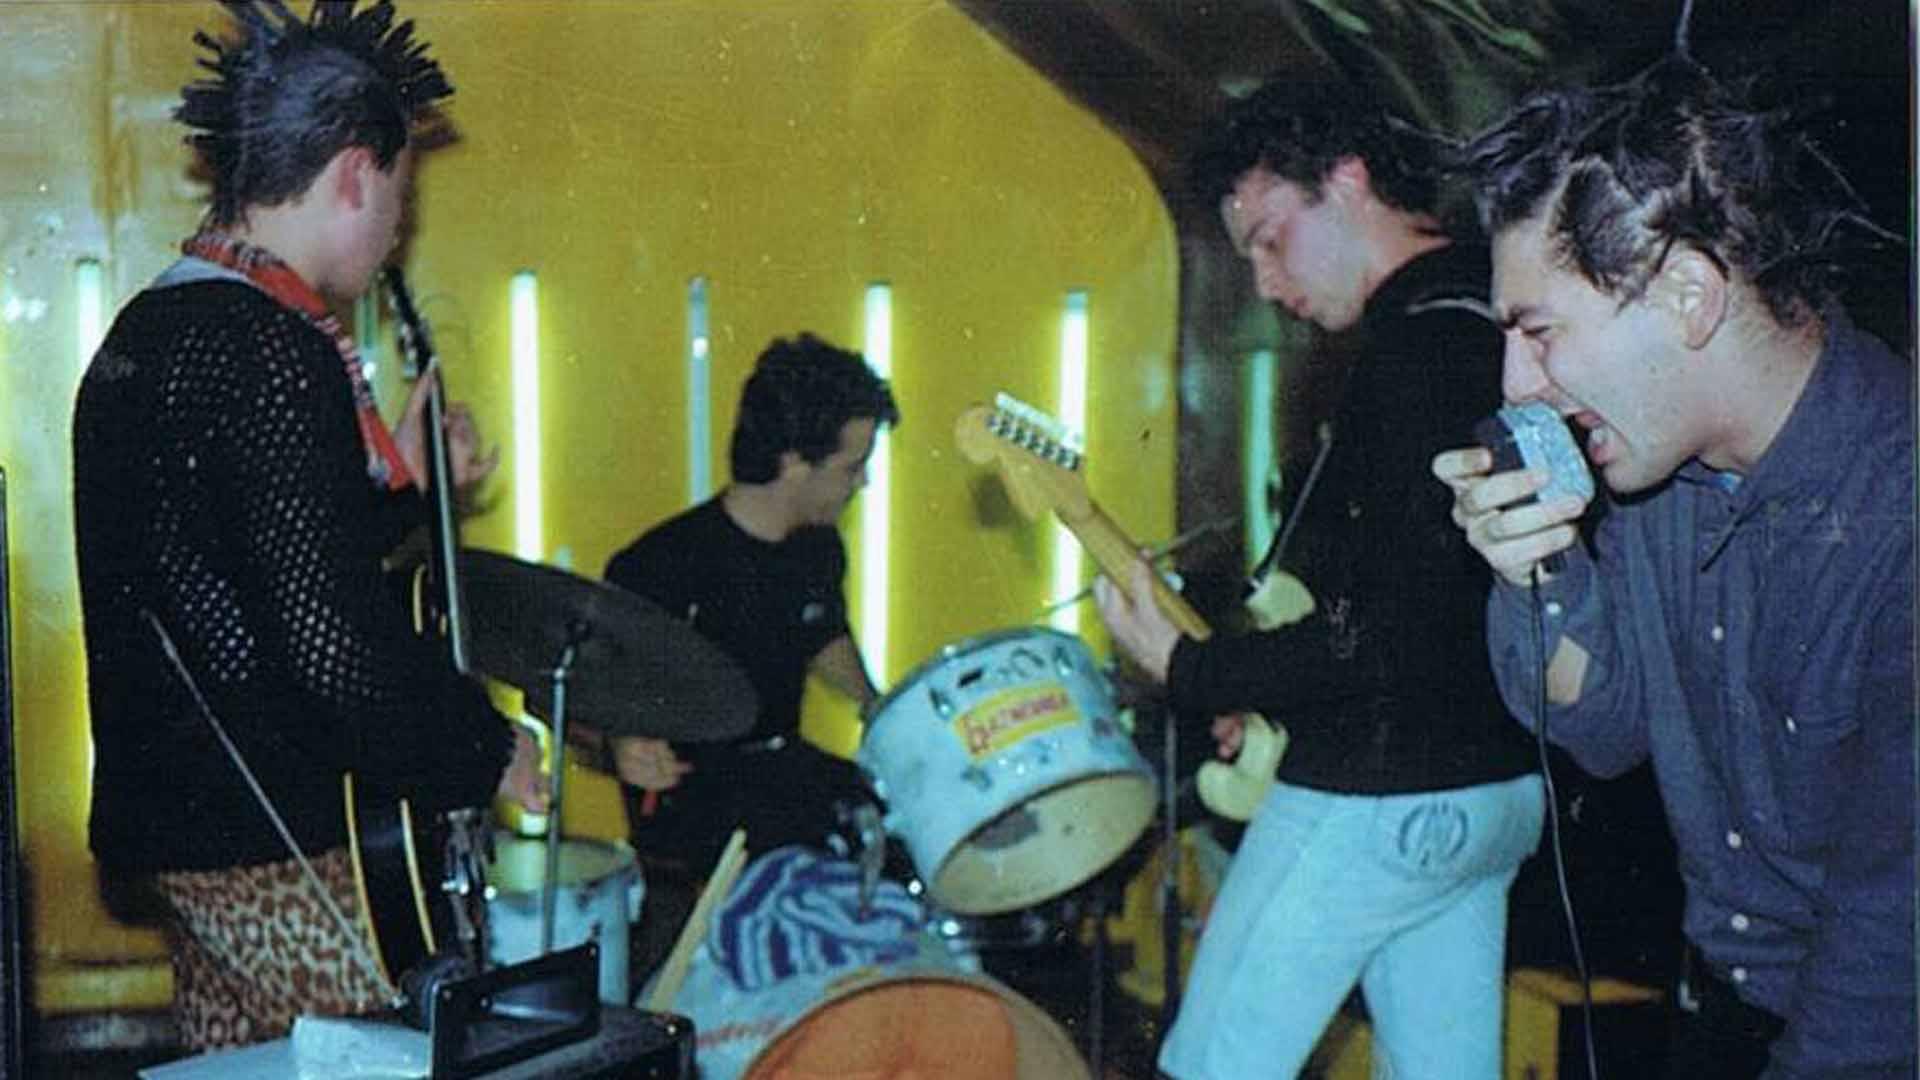 La punk band Underage